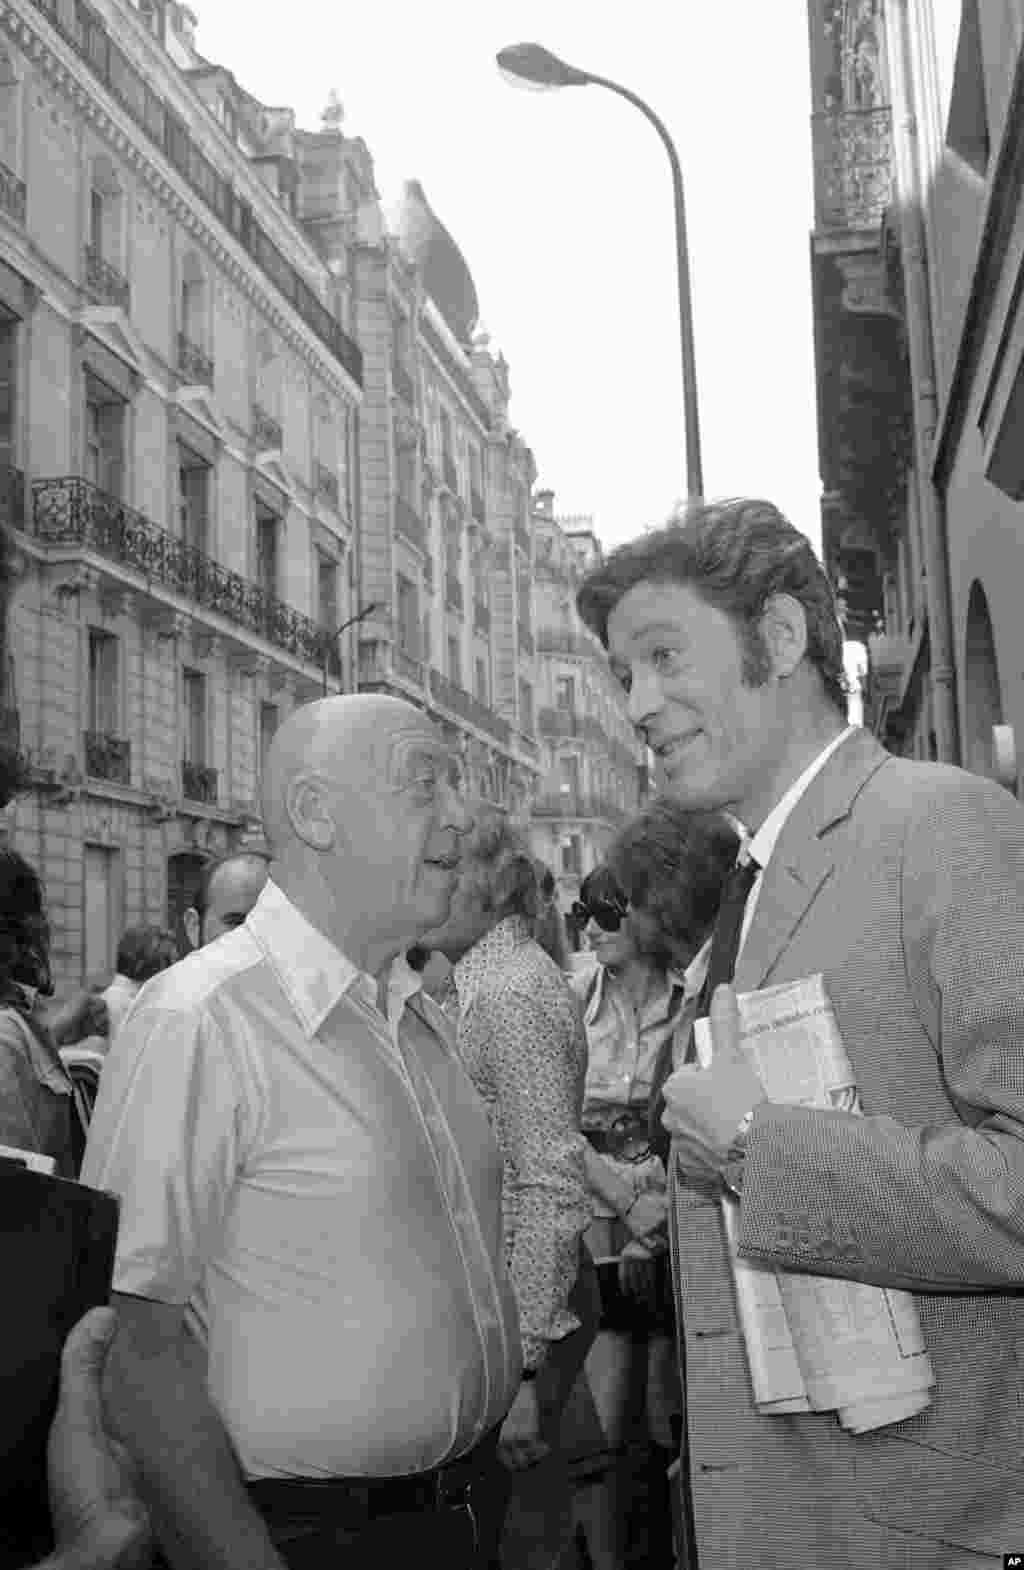 پیتر اوتول در حال صحبت با اوتو پرمینگر، کارگردان سینما سر صحنه فیلمبرداری «رُزباد» در پاریس، 27 ژوئیه 1974